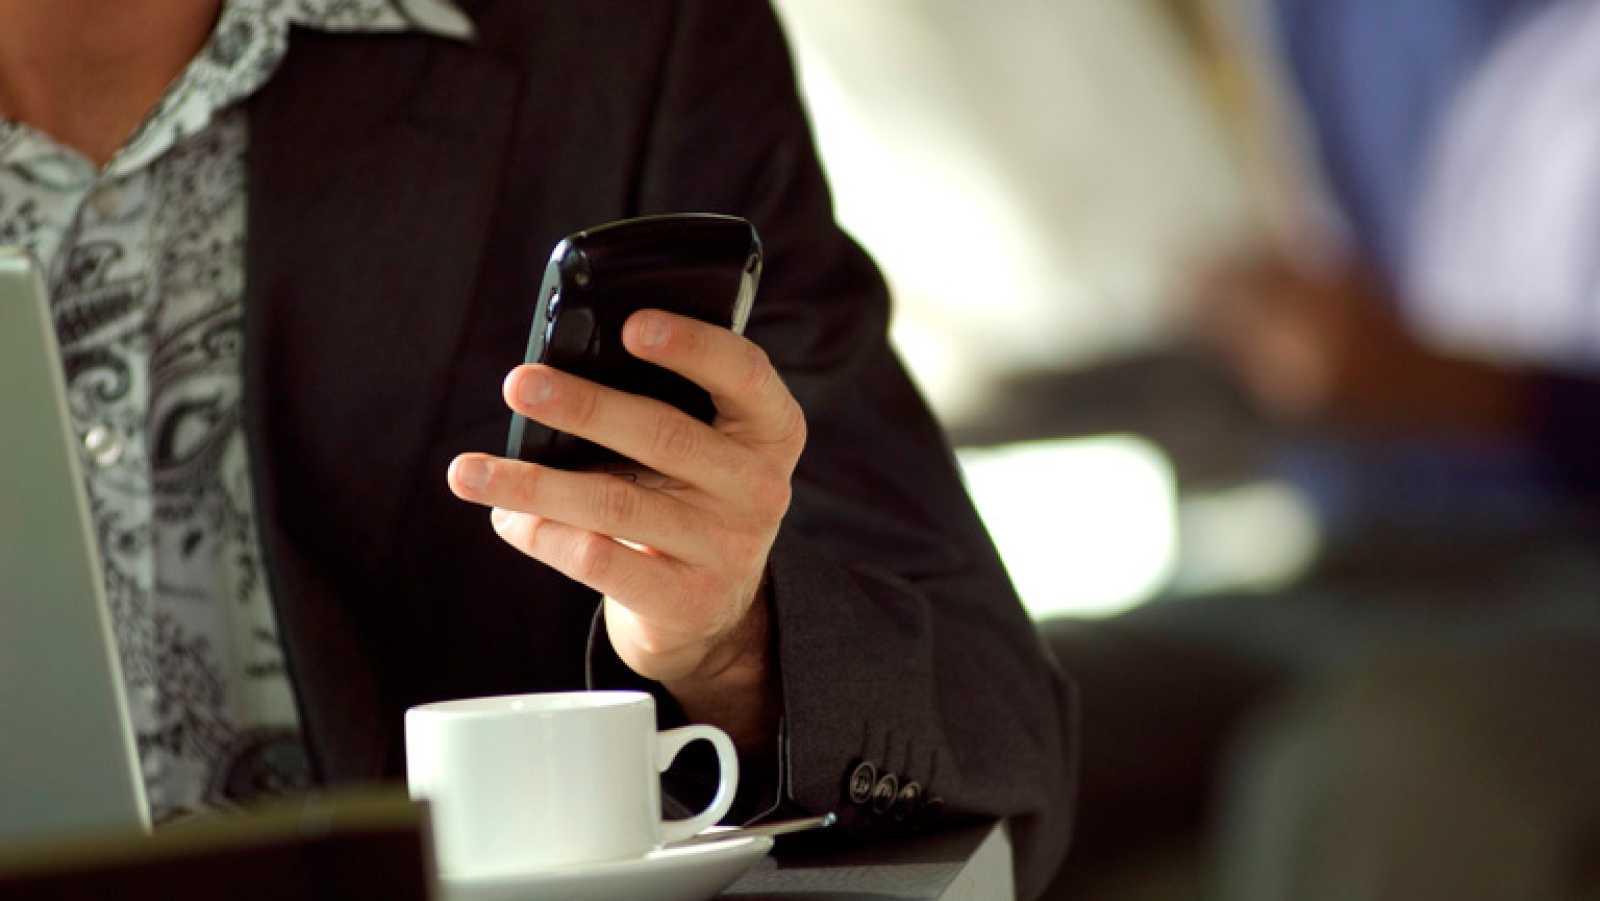 El 'phubbing', prestar más atención al teléfono móvil que a las personas que nos rodean